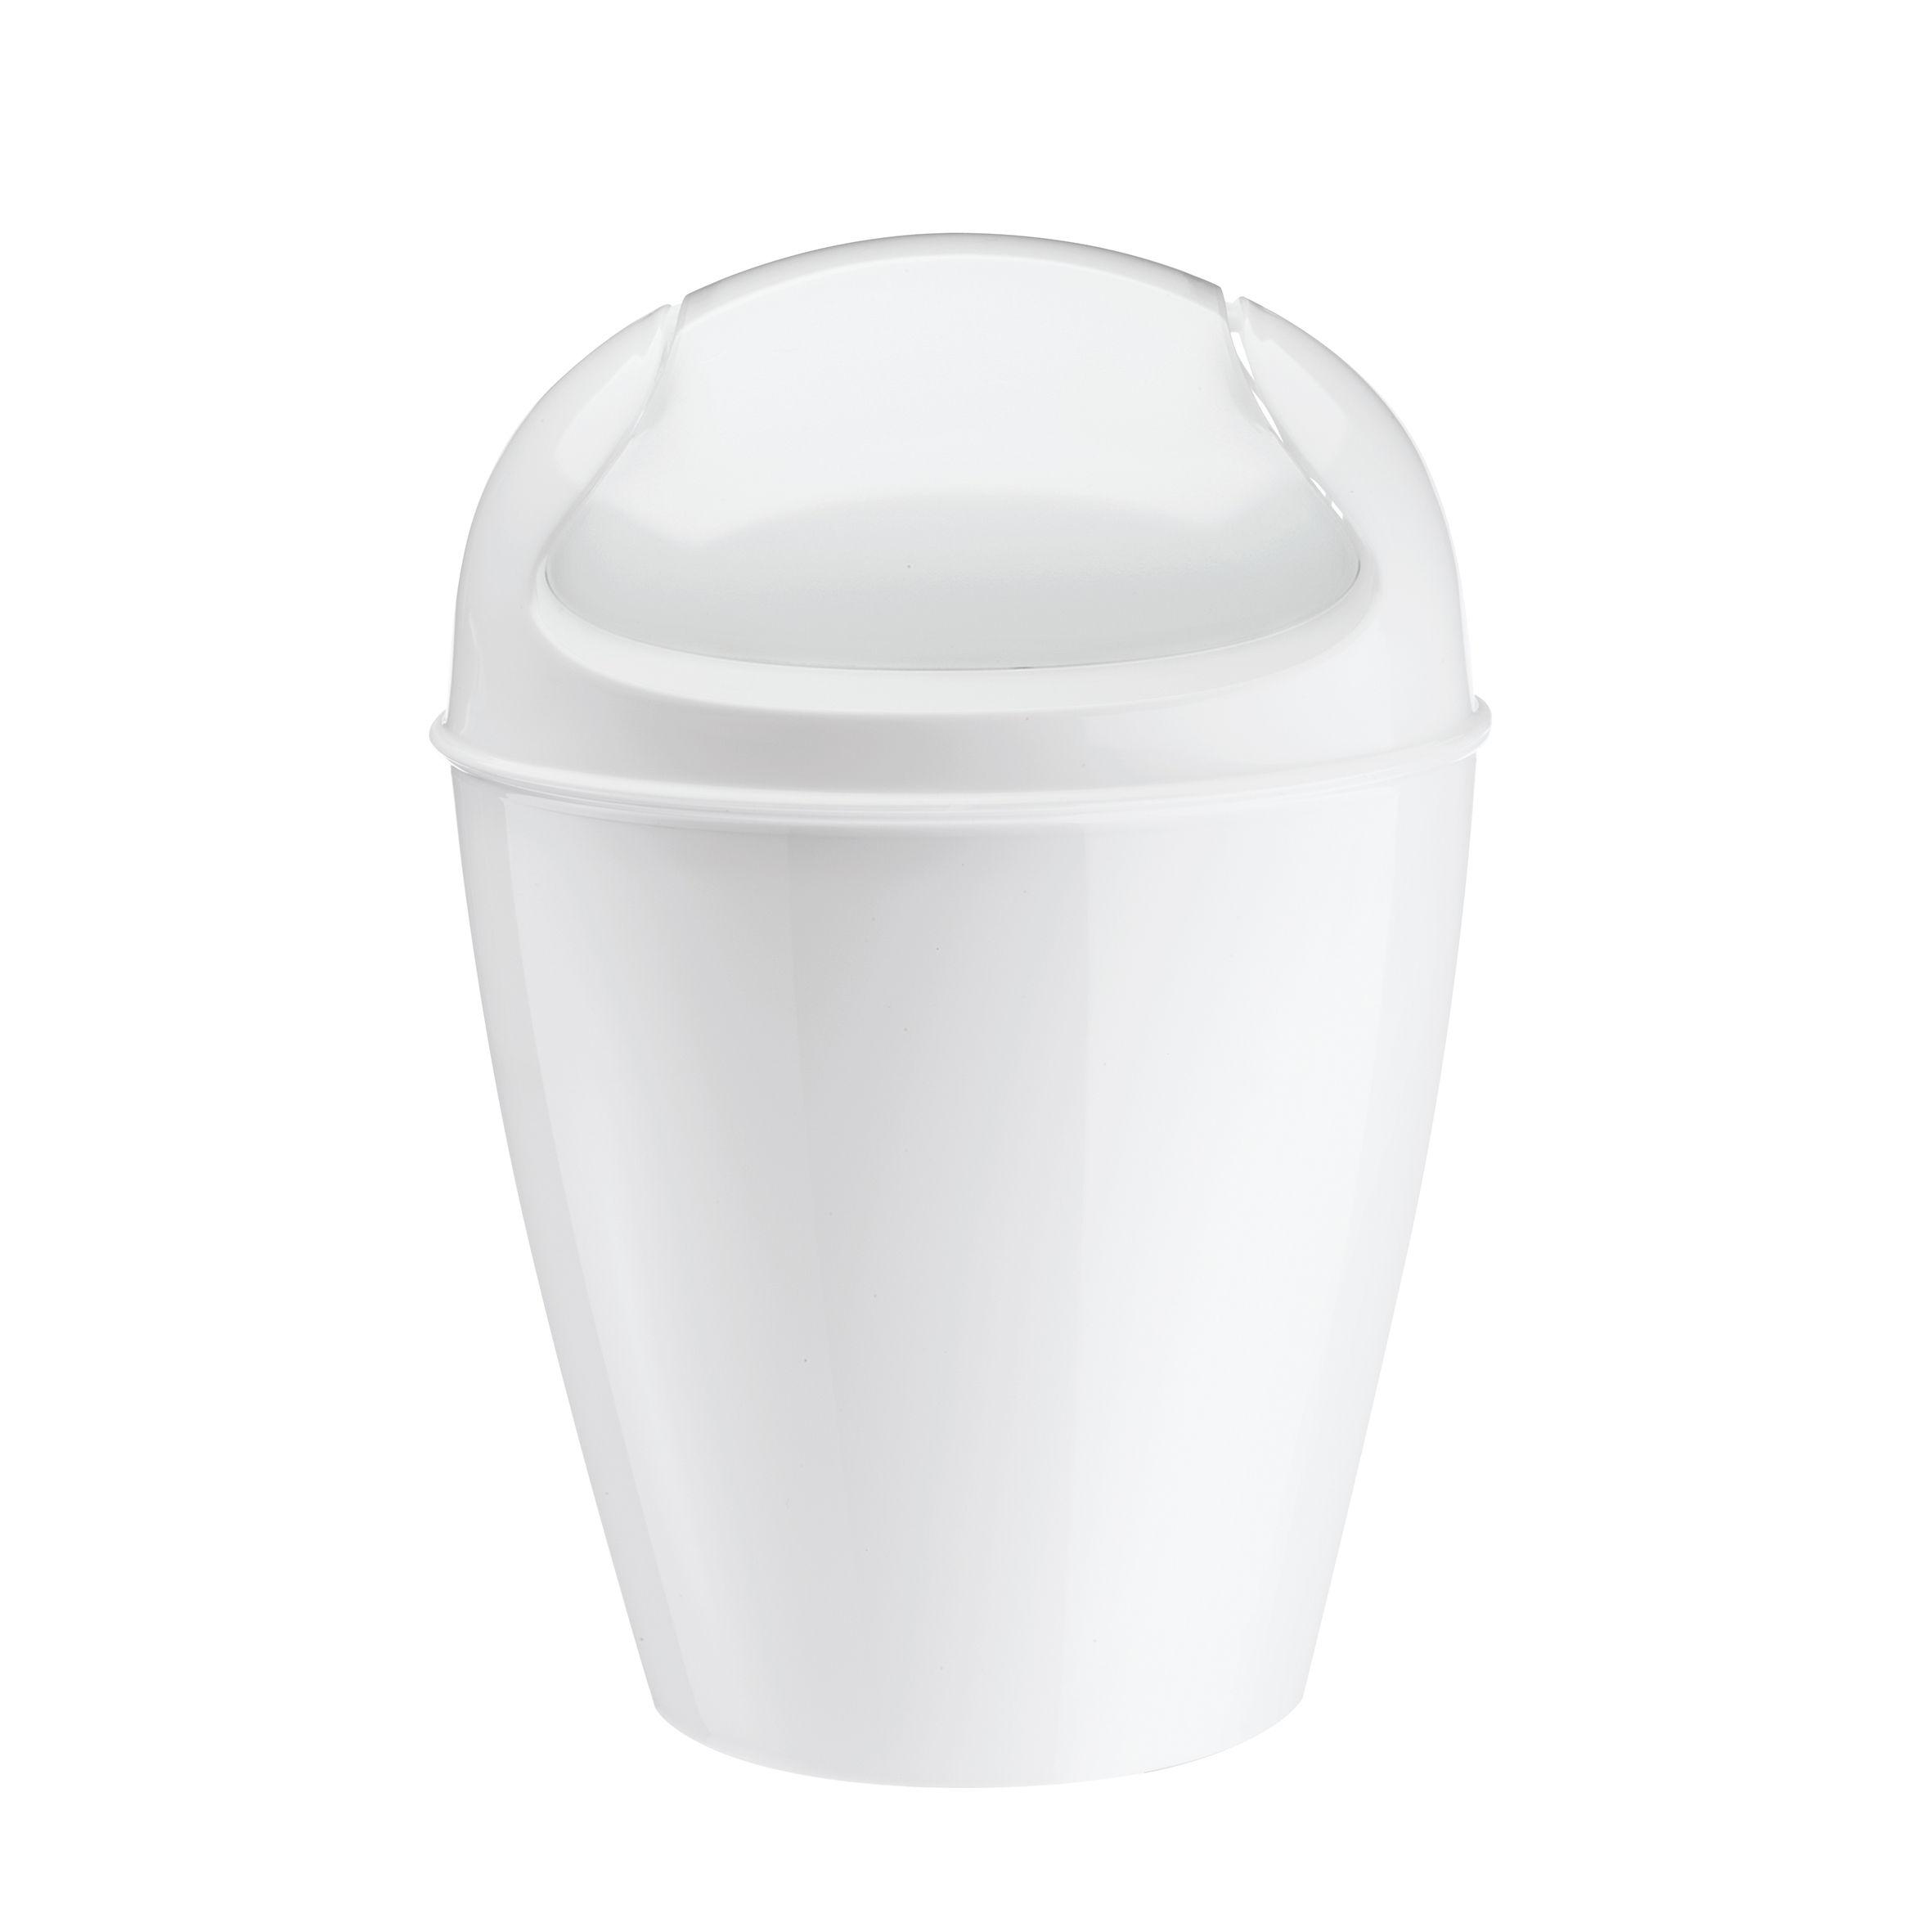 Kitchenware - Bins - Del XXS Table bin by Koziol - White - Polypropylene